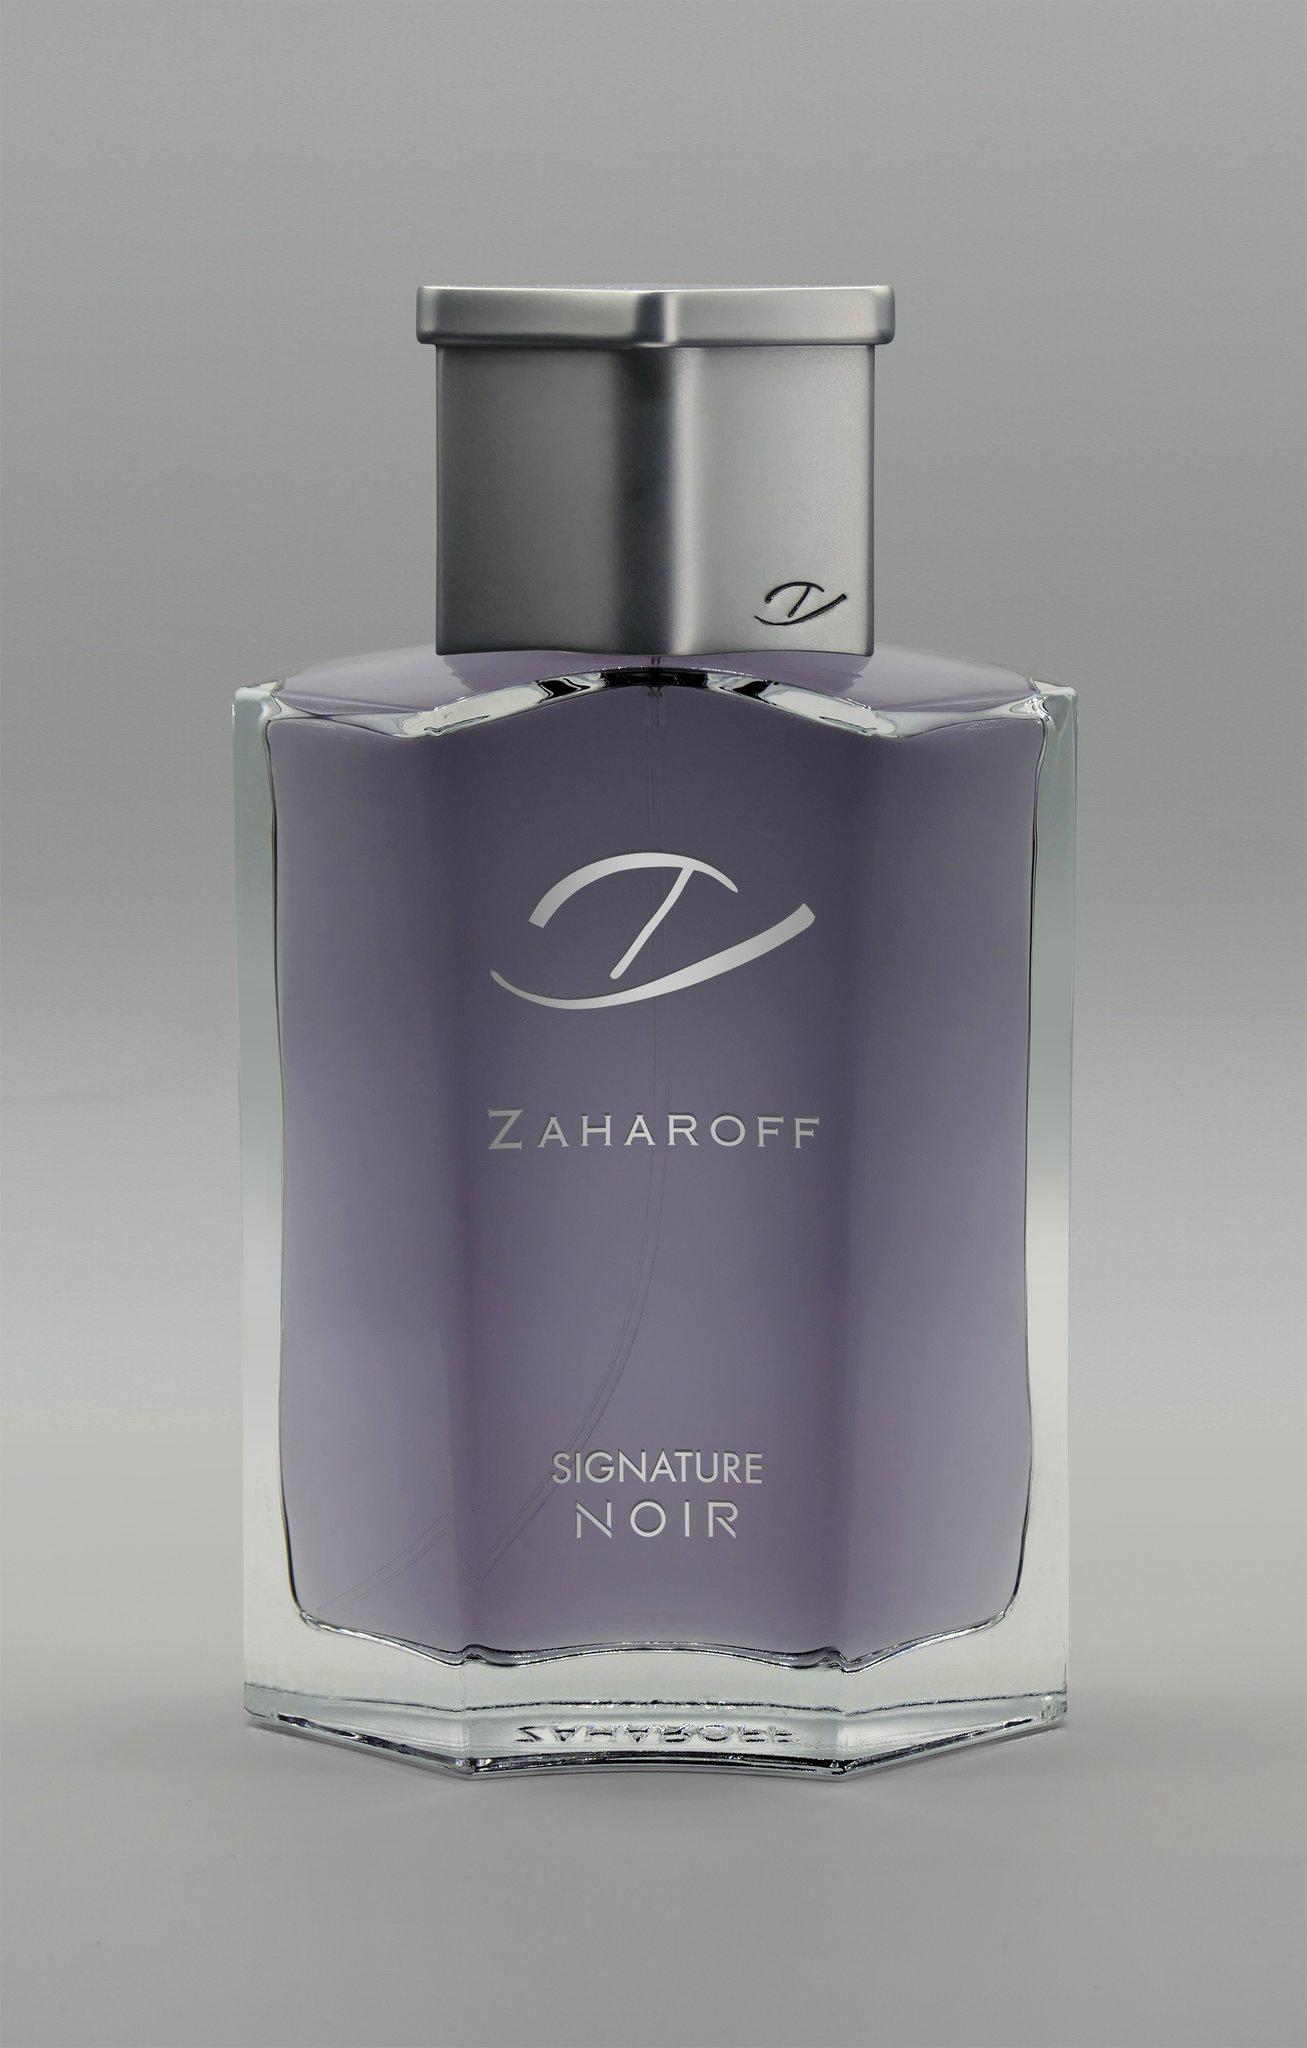 Zaharoff - Signature NOIR - Eau de Parfum image